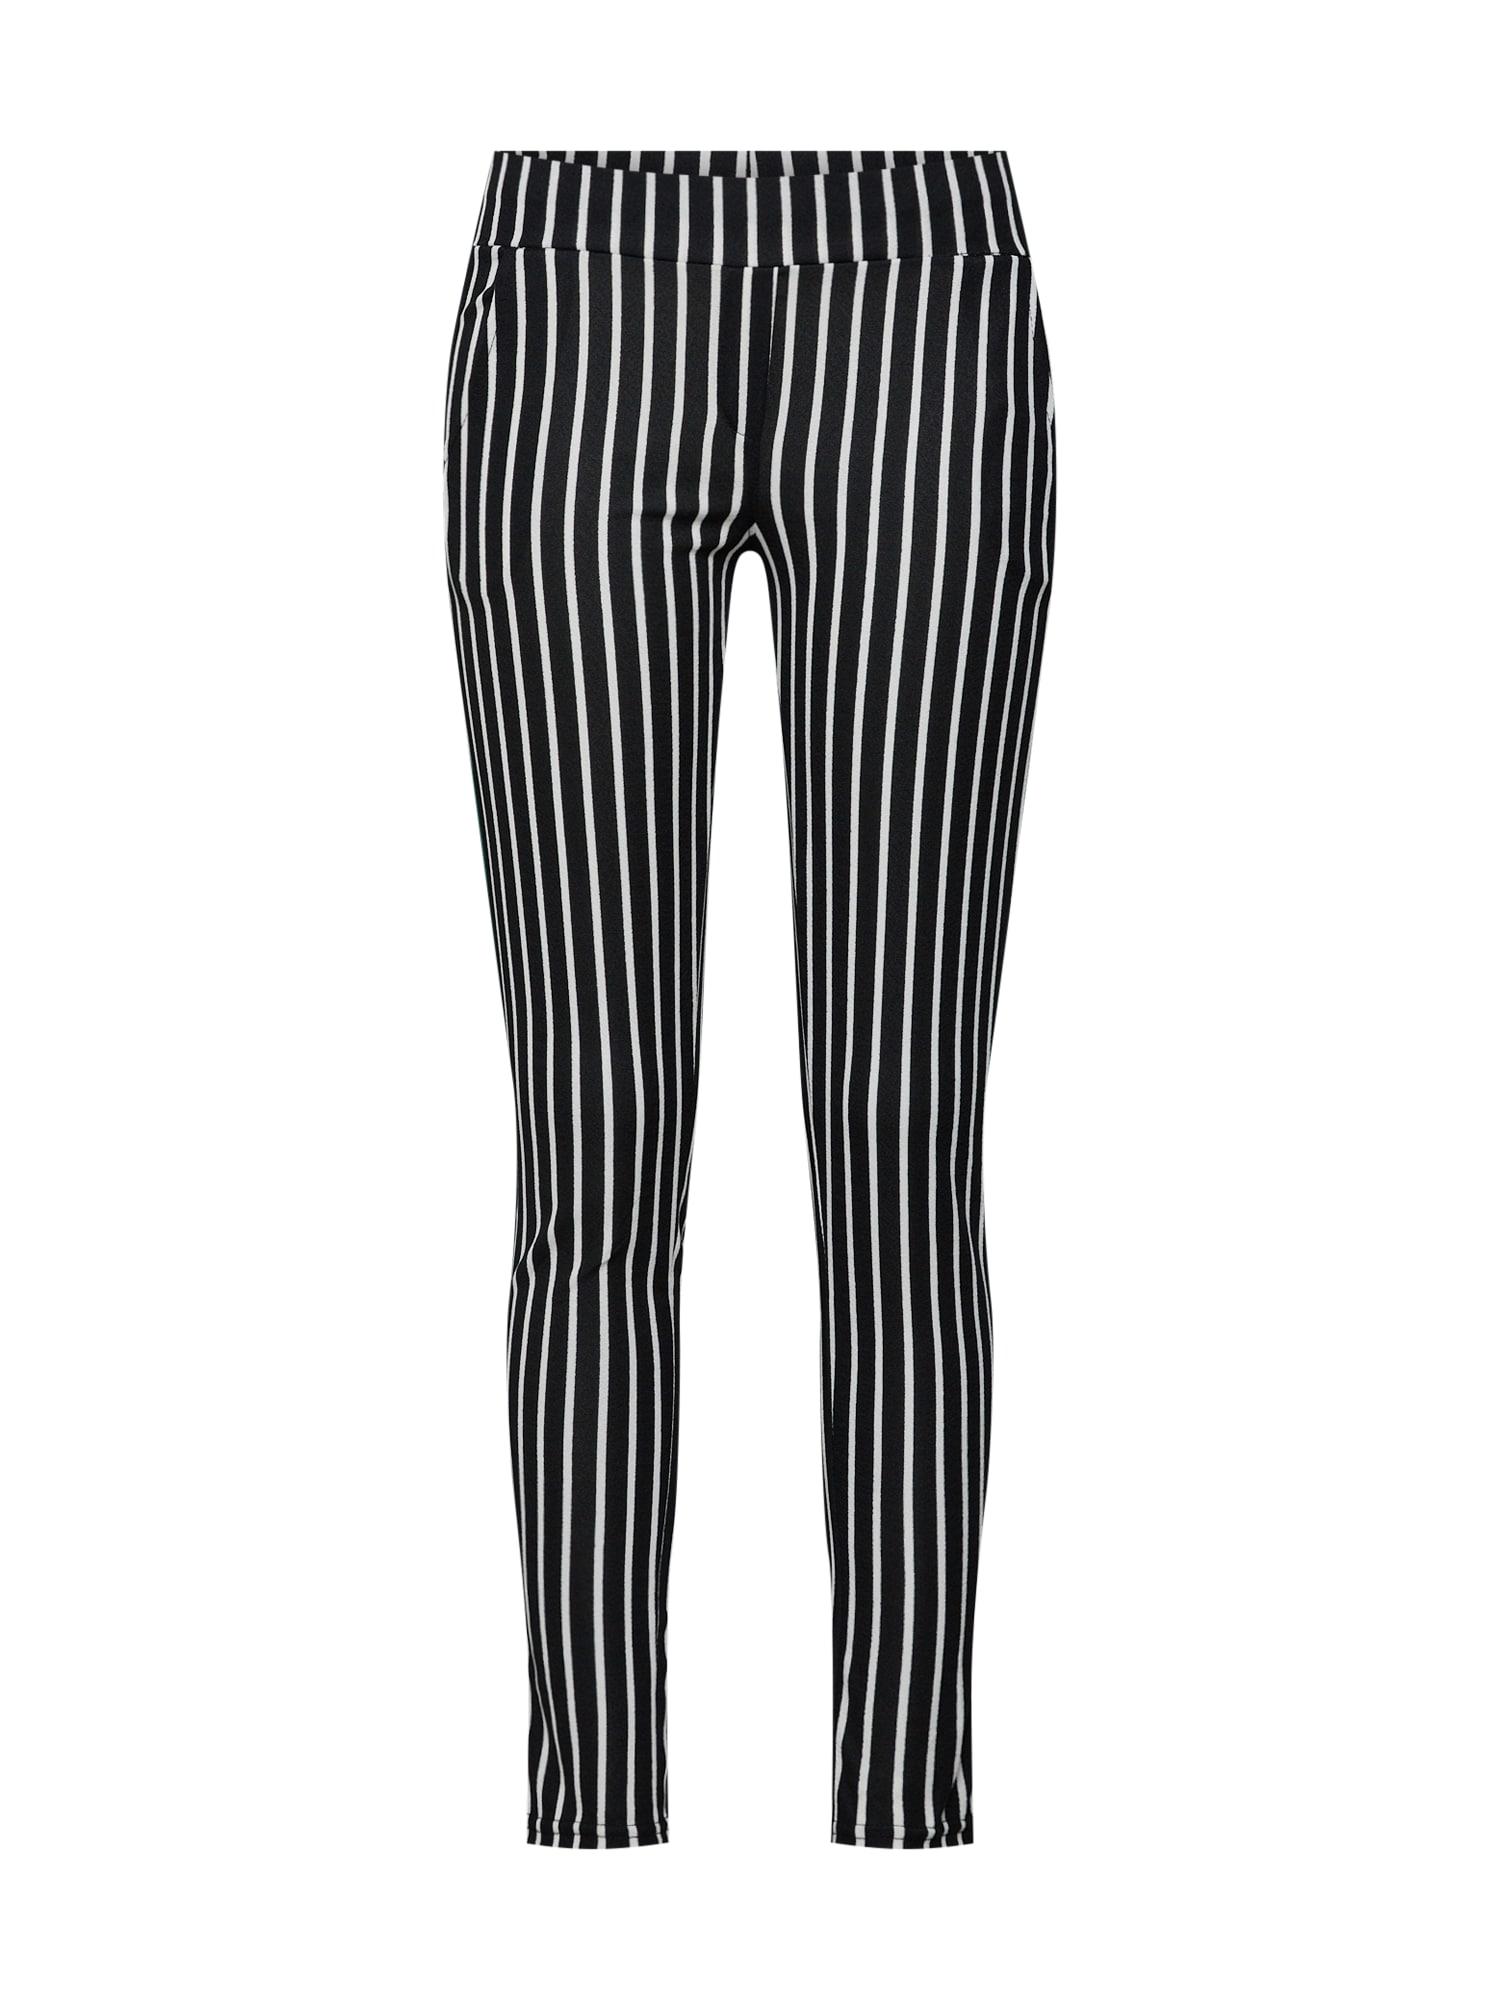 Kalhoty černá bílá Zwillingsherz